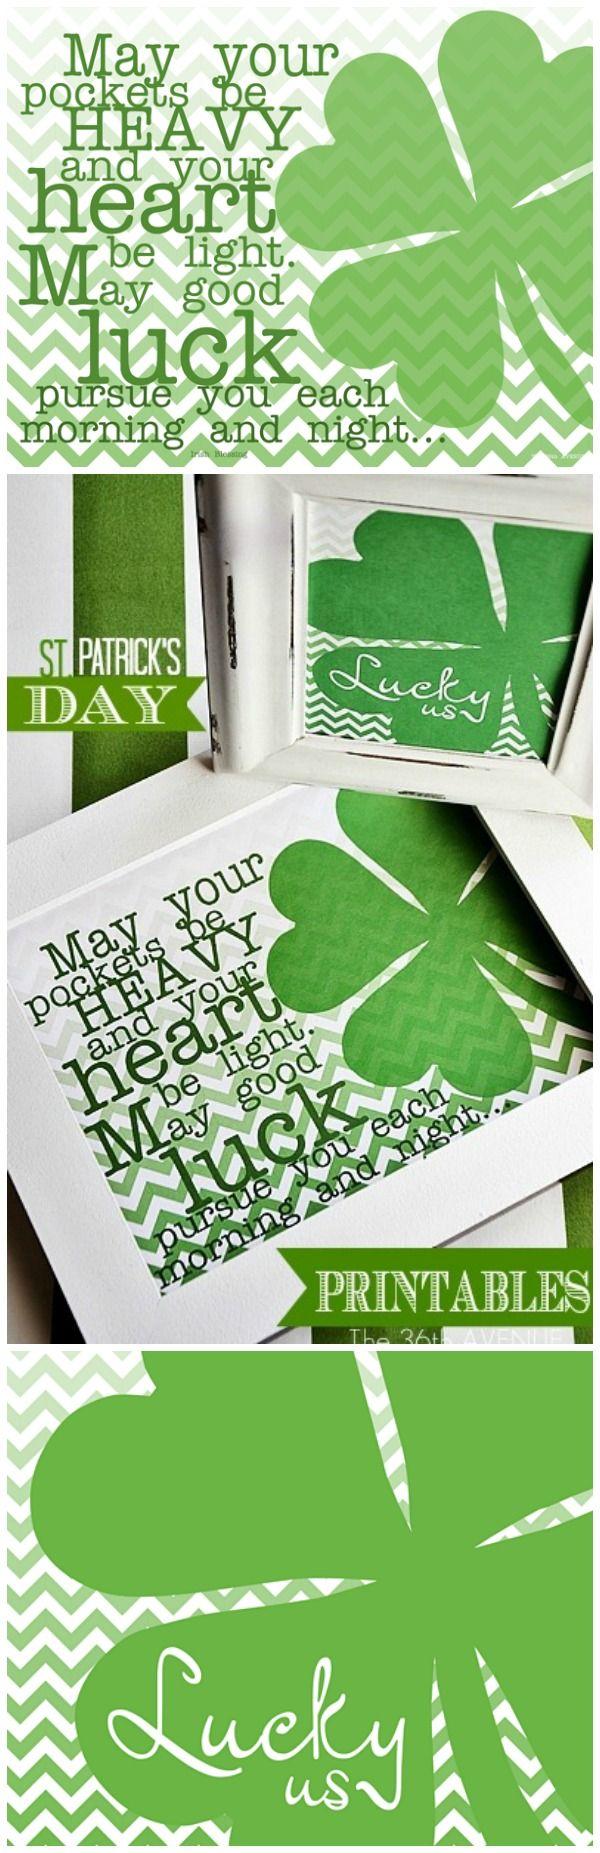 St. Patrick's Day Free #Printables... Lucky Us! #stpatricksday